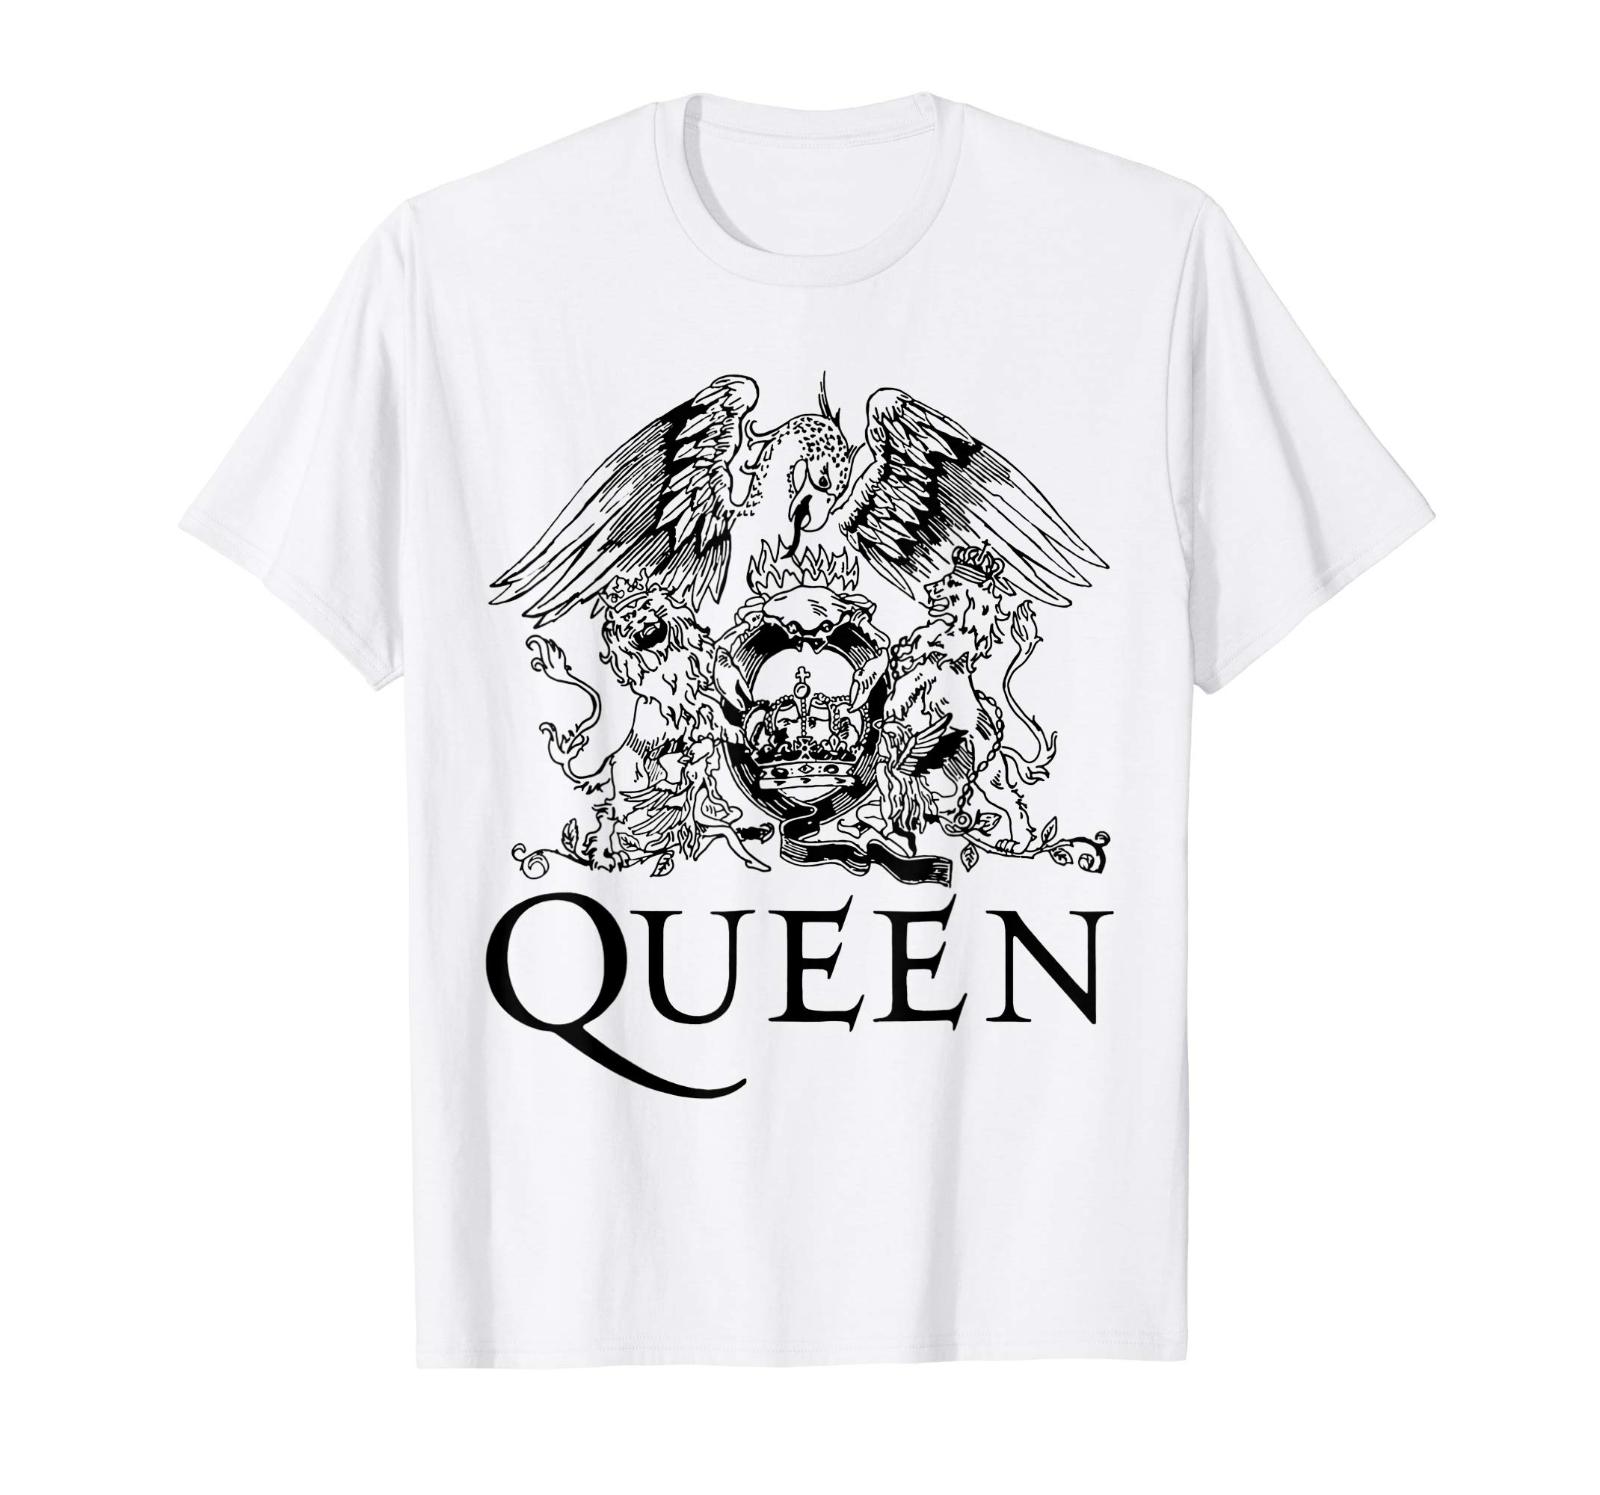 Queen band T-Shirt For Men Women